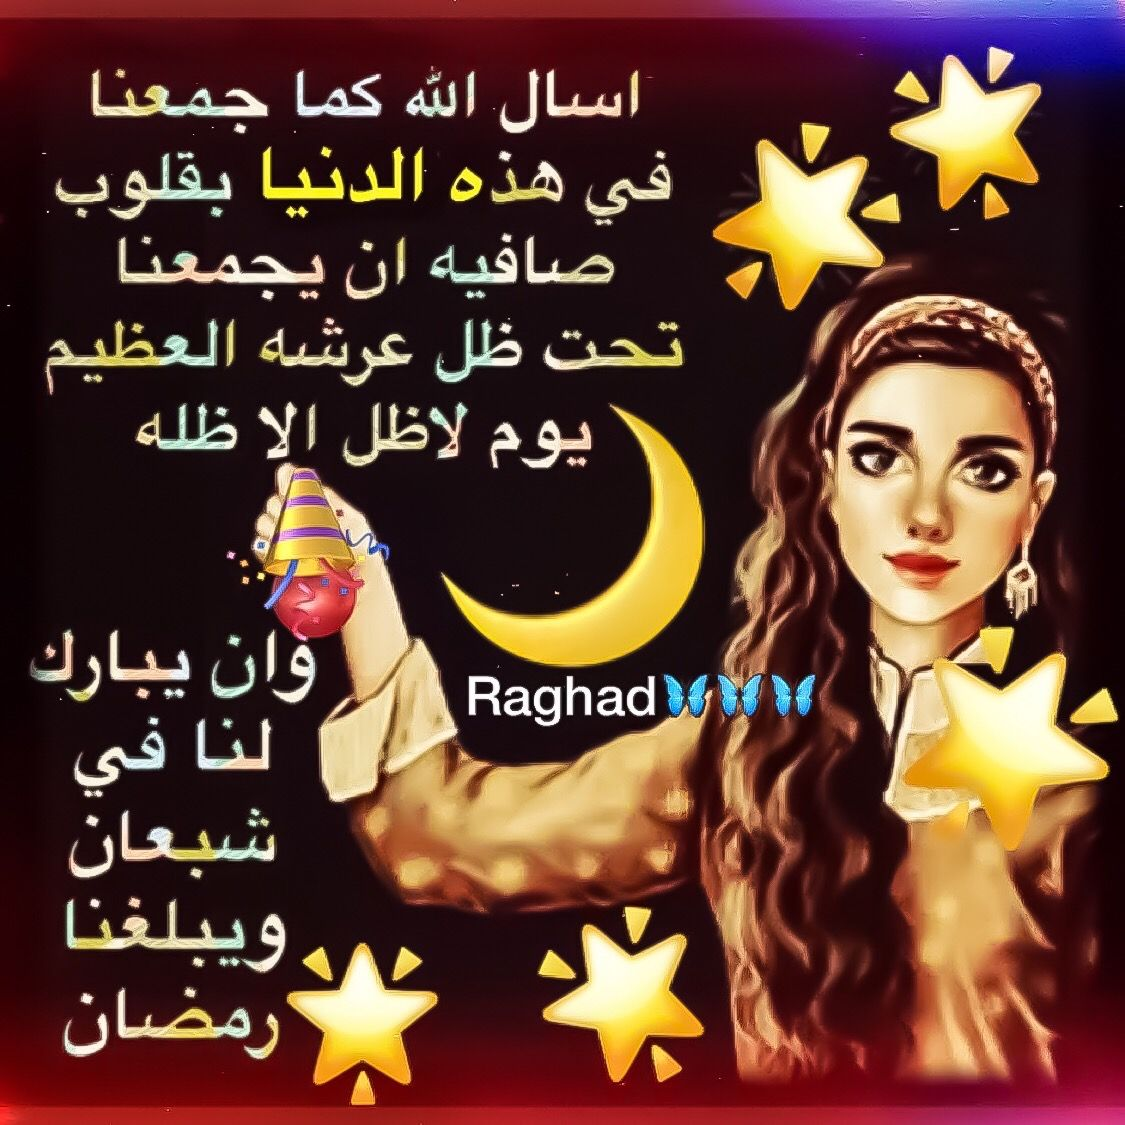 Desertrose كل طريق إن خطوته لله انتظر فلاحه وكل نية إن جعلتها لله فانتظر بركتها فمن جعل وجهته لله وجه الله له الخير ومن Ramadan Kareem Ramadan Kareem